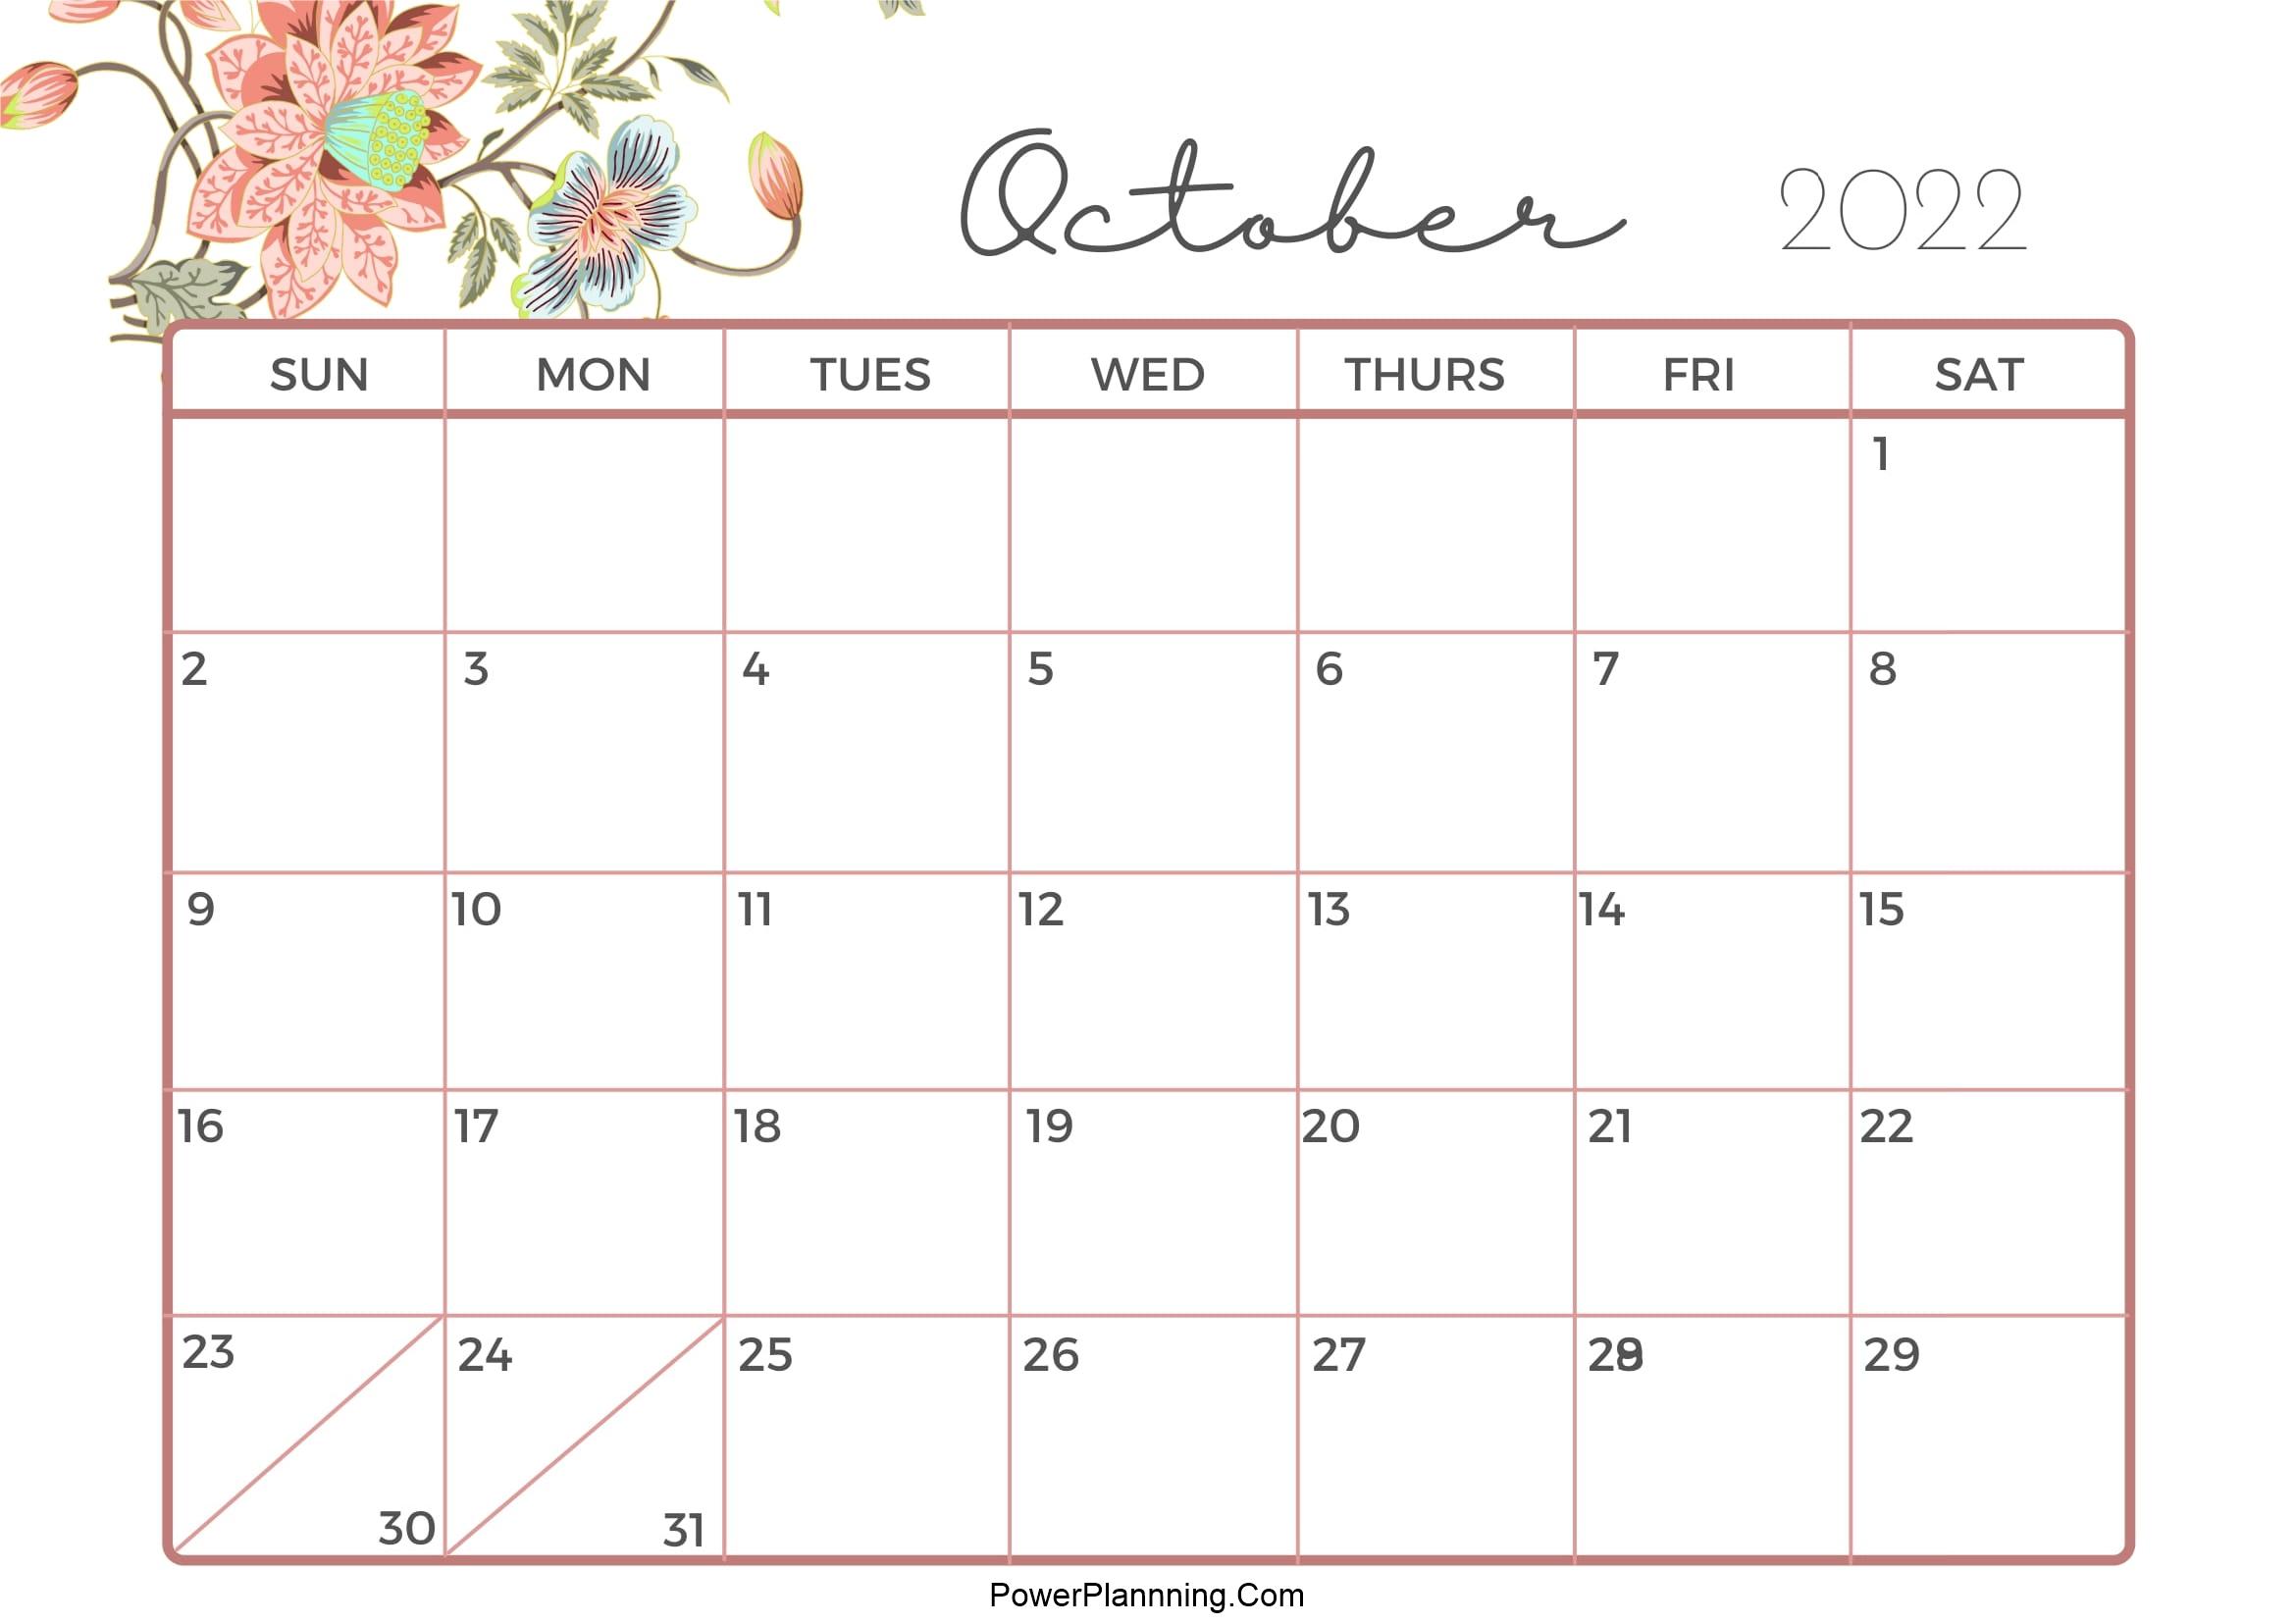 Cute Calendar October 2022